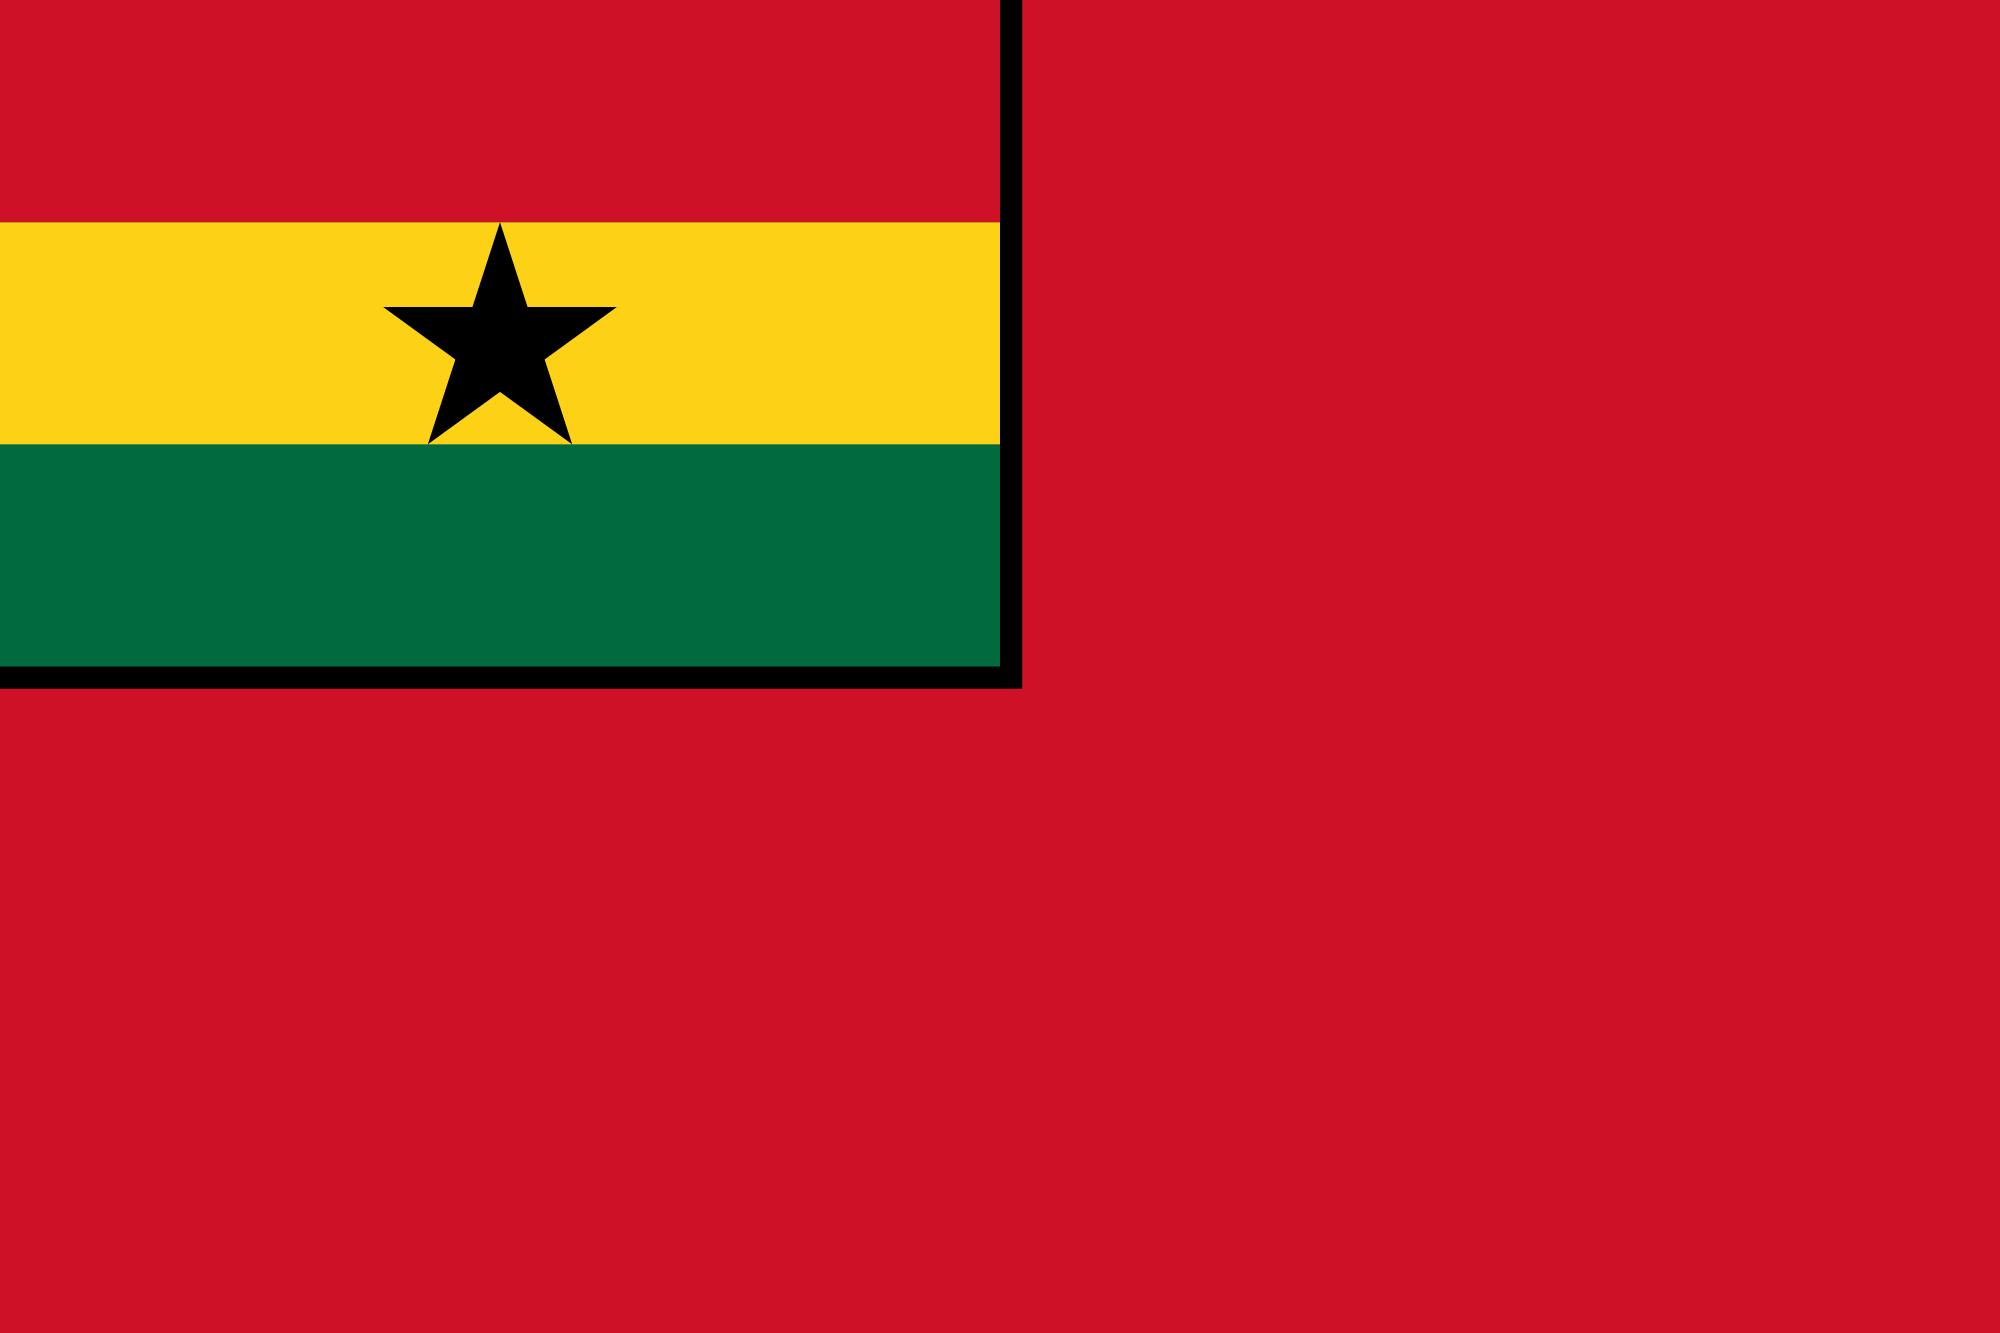 Ghana (Civil ensign)